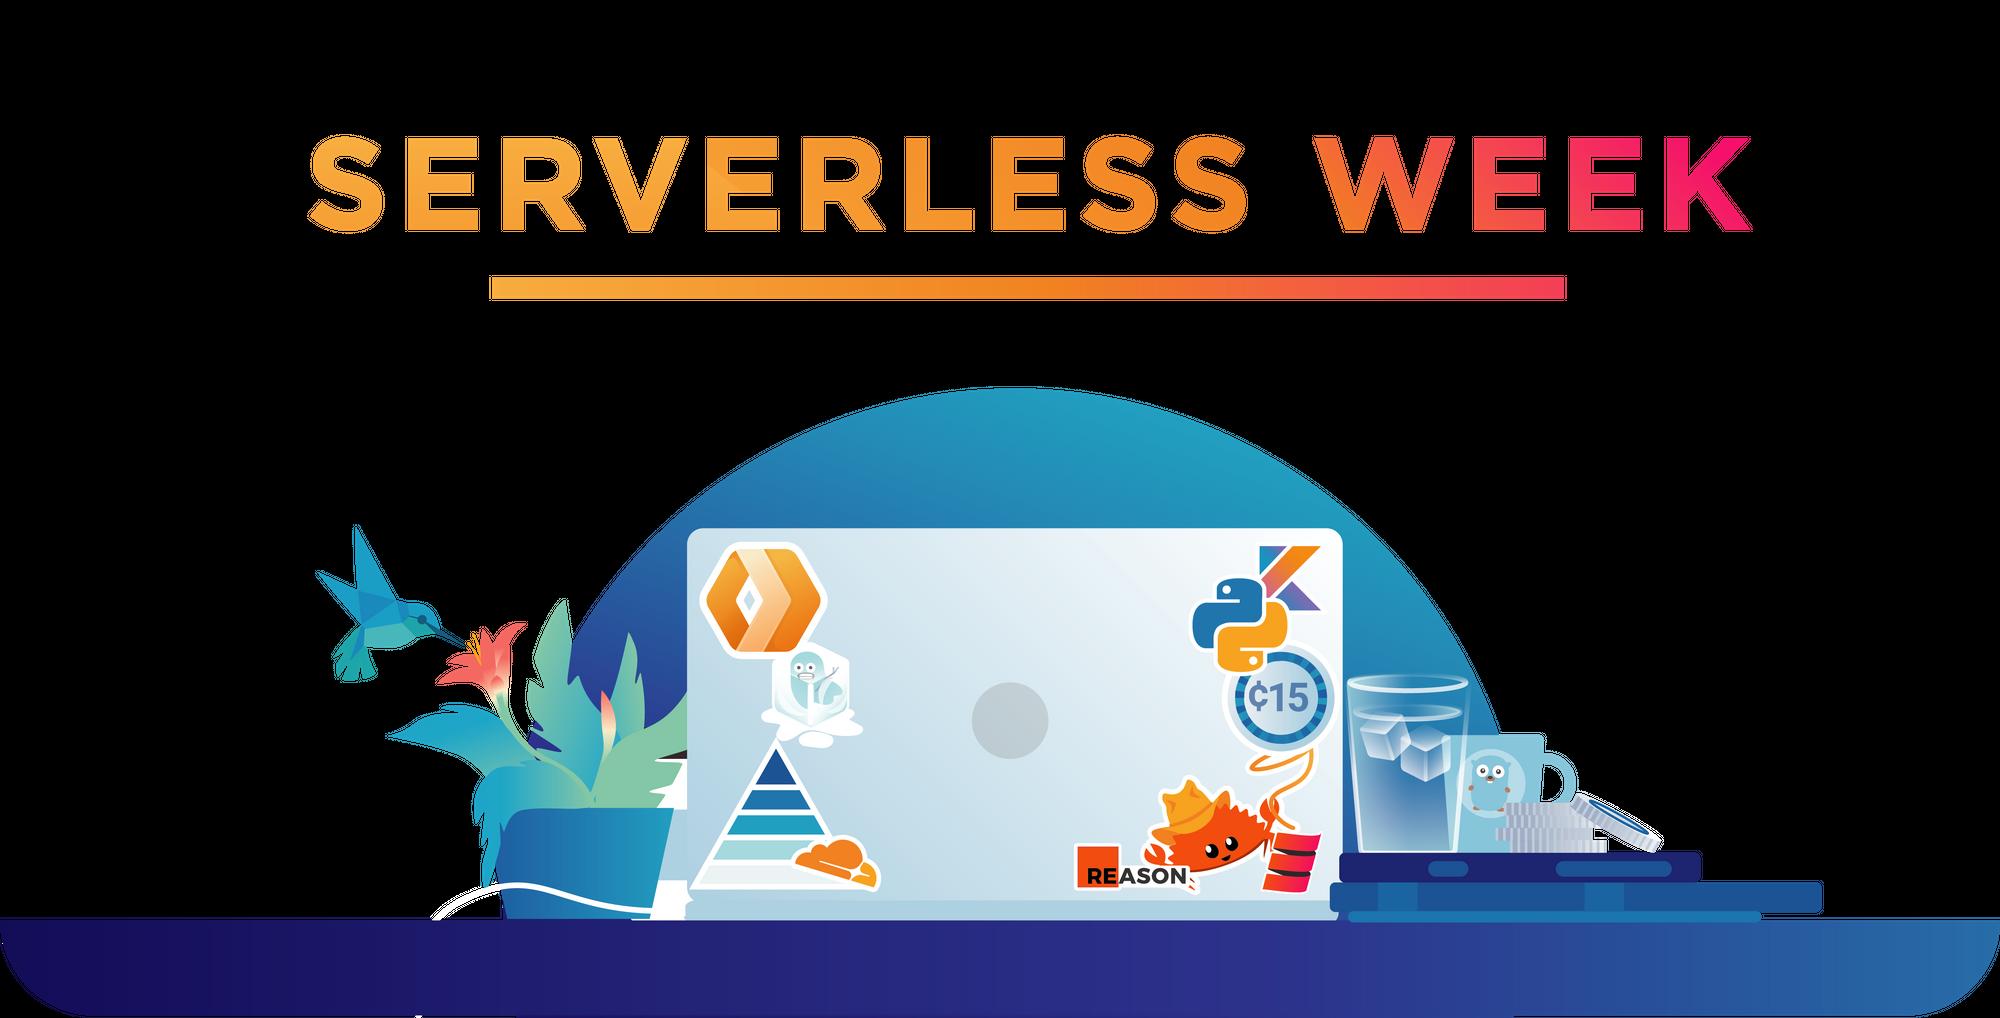 Serverless-Week-Day-3@2x